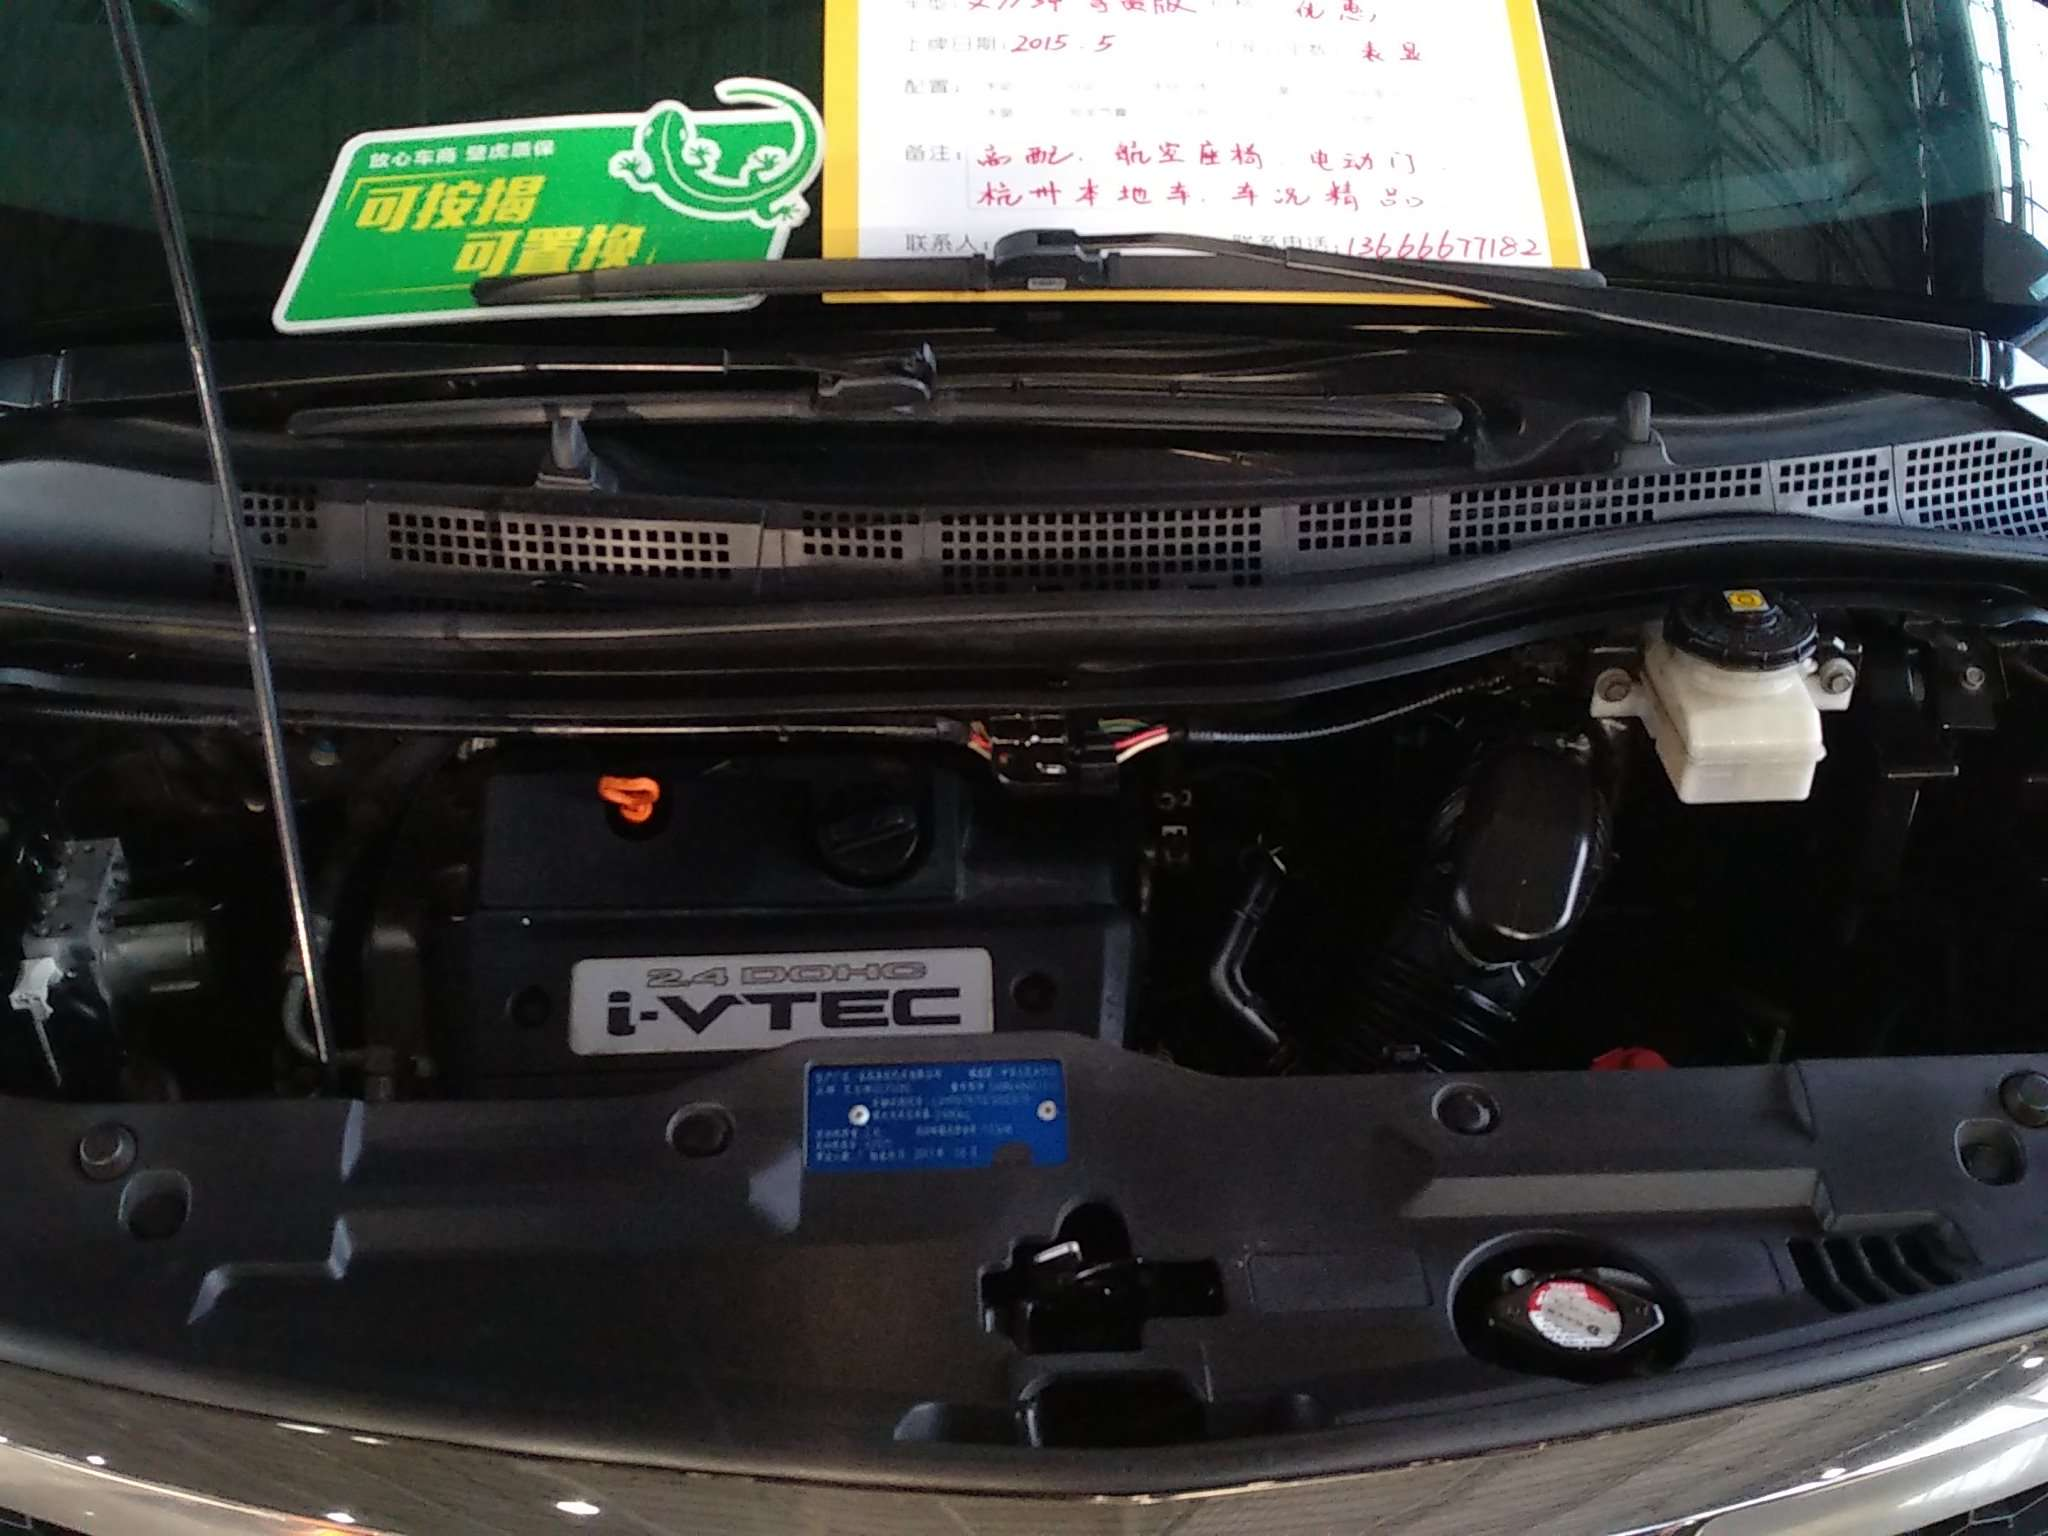 精真估提供二手车本田 艾力绅 2012款 2.4L 自动 VTi-S尊贵版